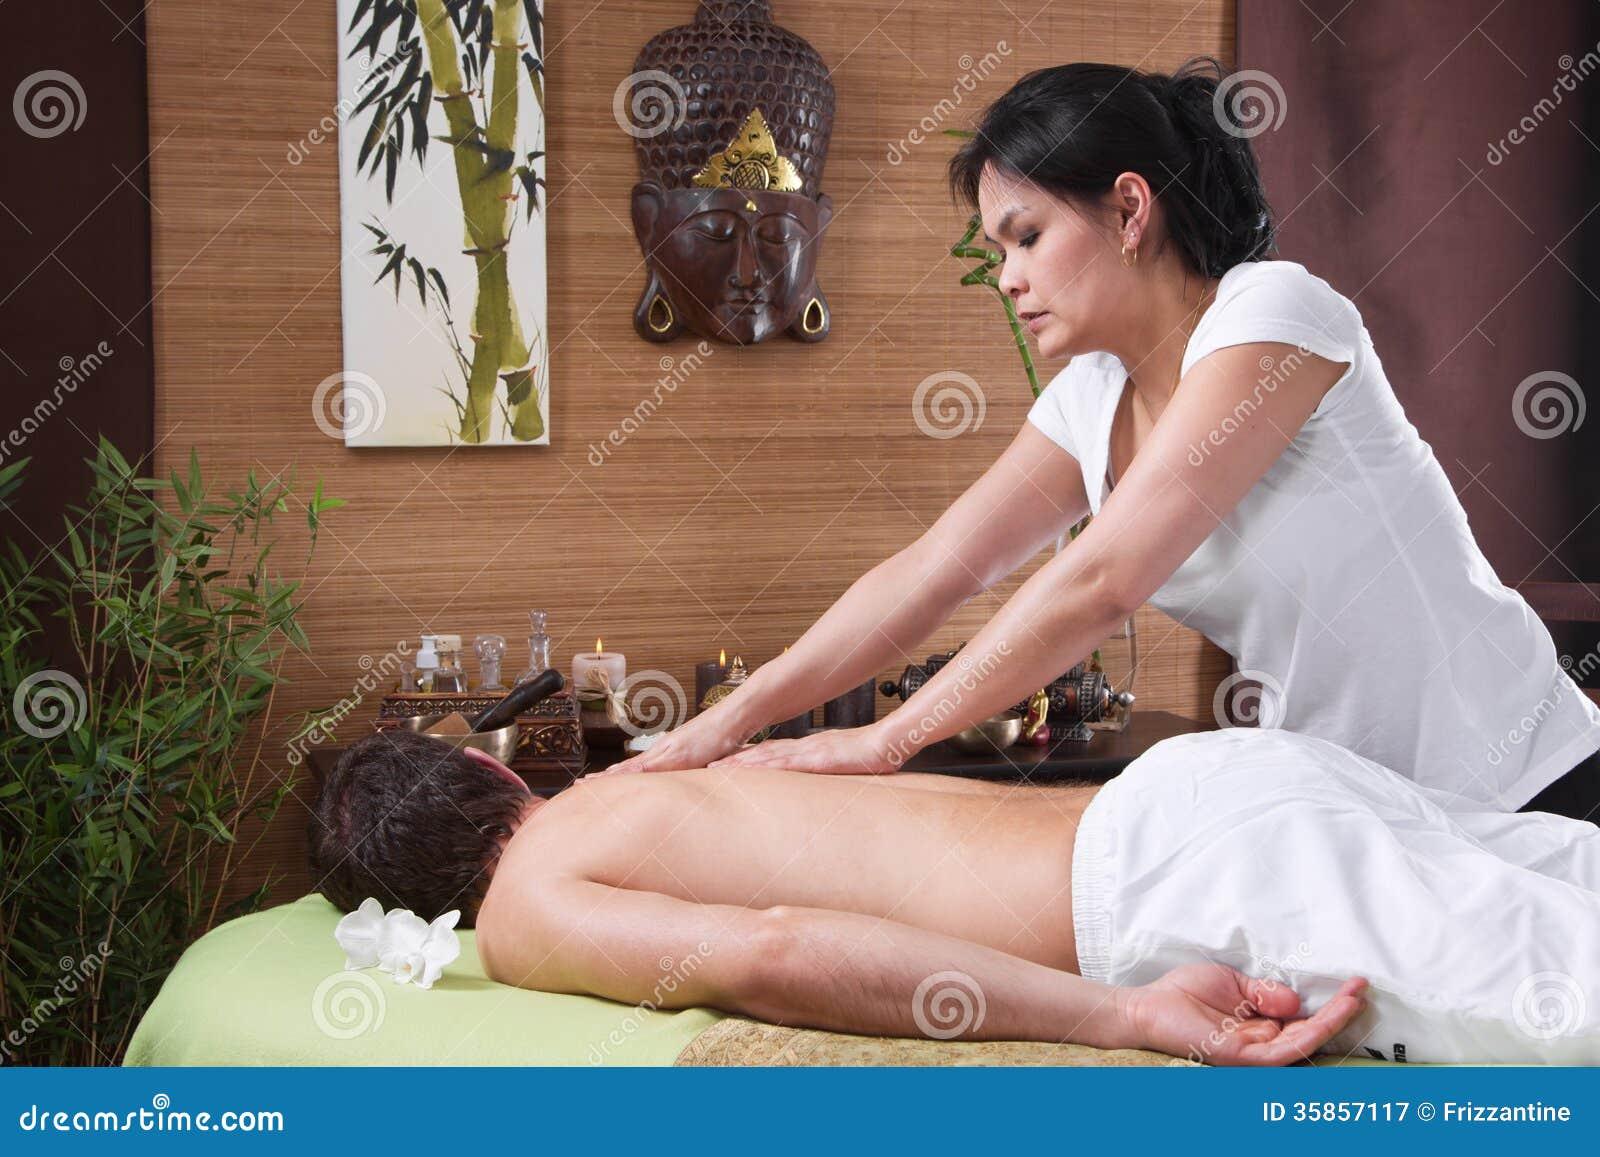 women massaging women videos